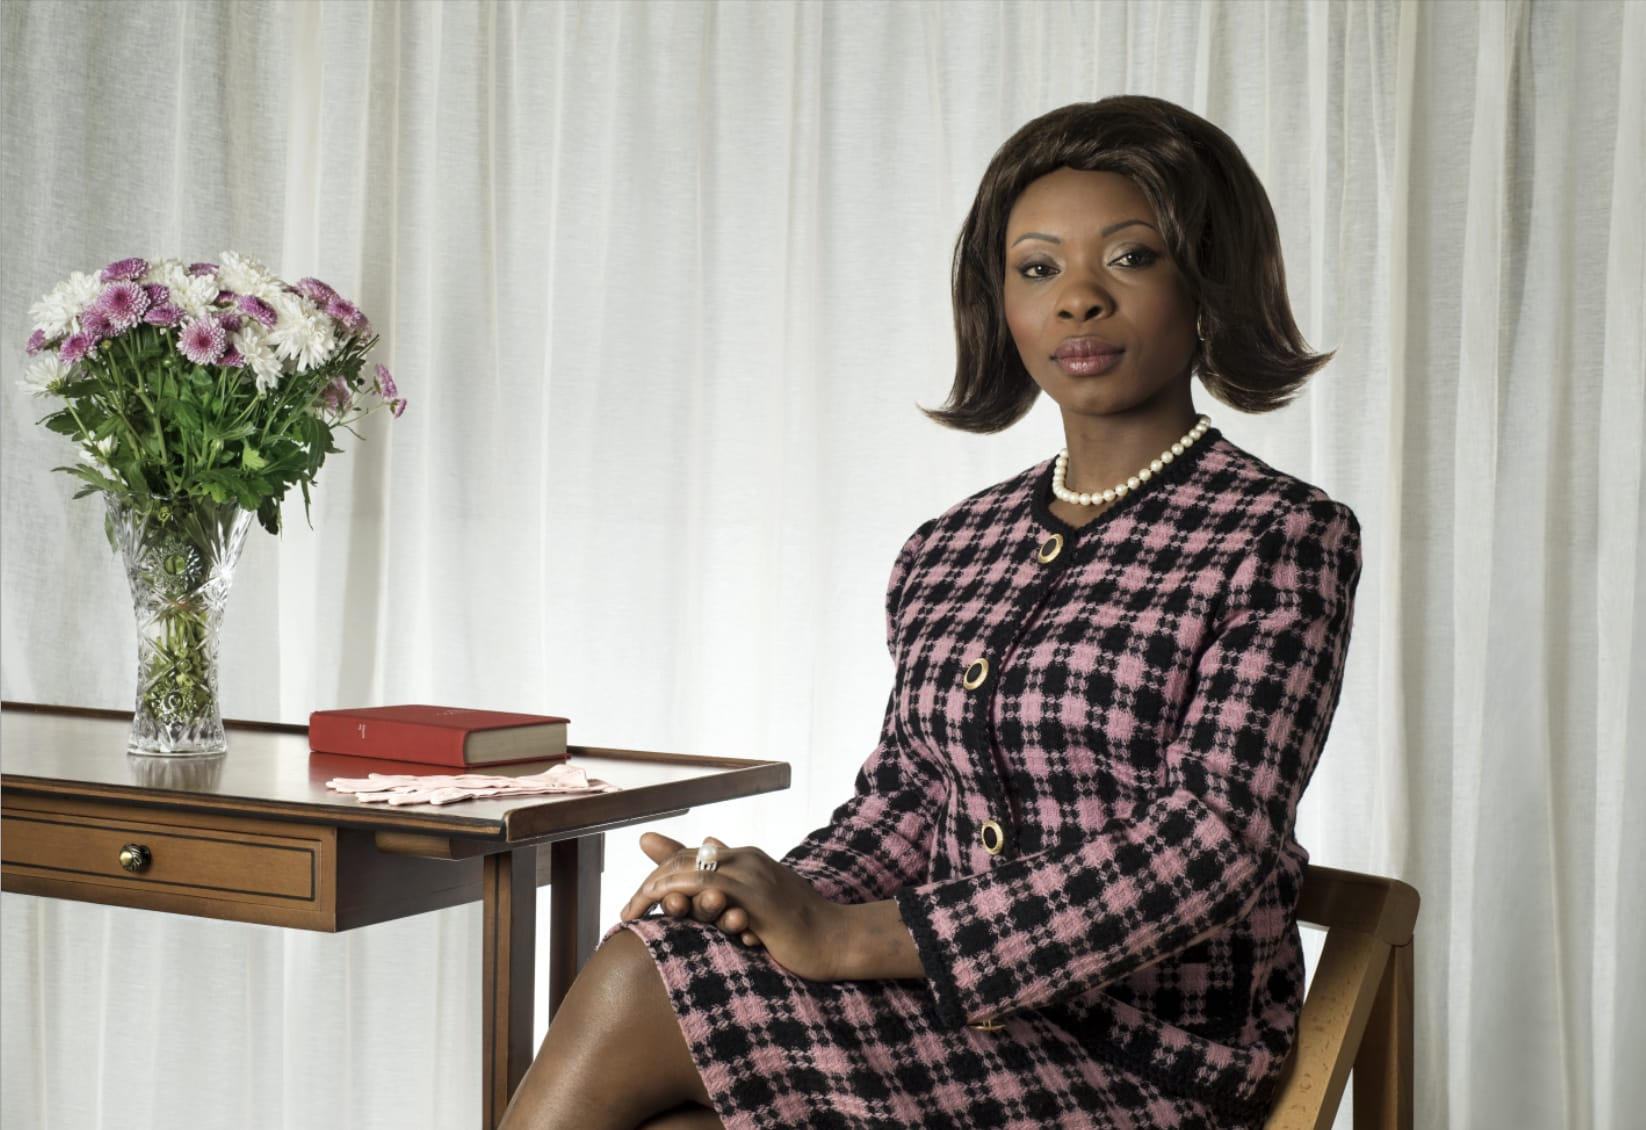 عارضة اختارت تجسيد دور السيدة الأولى السابقة جاكلين كينيدي